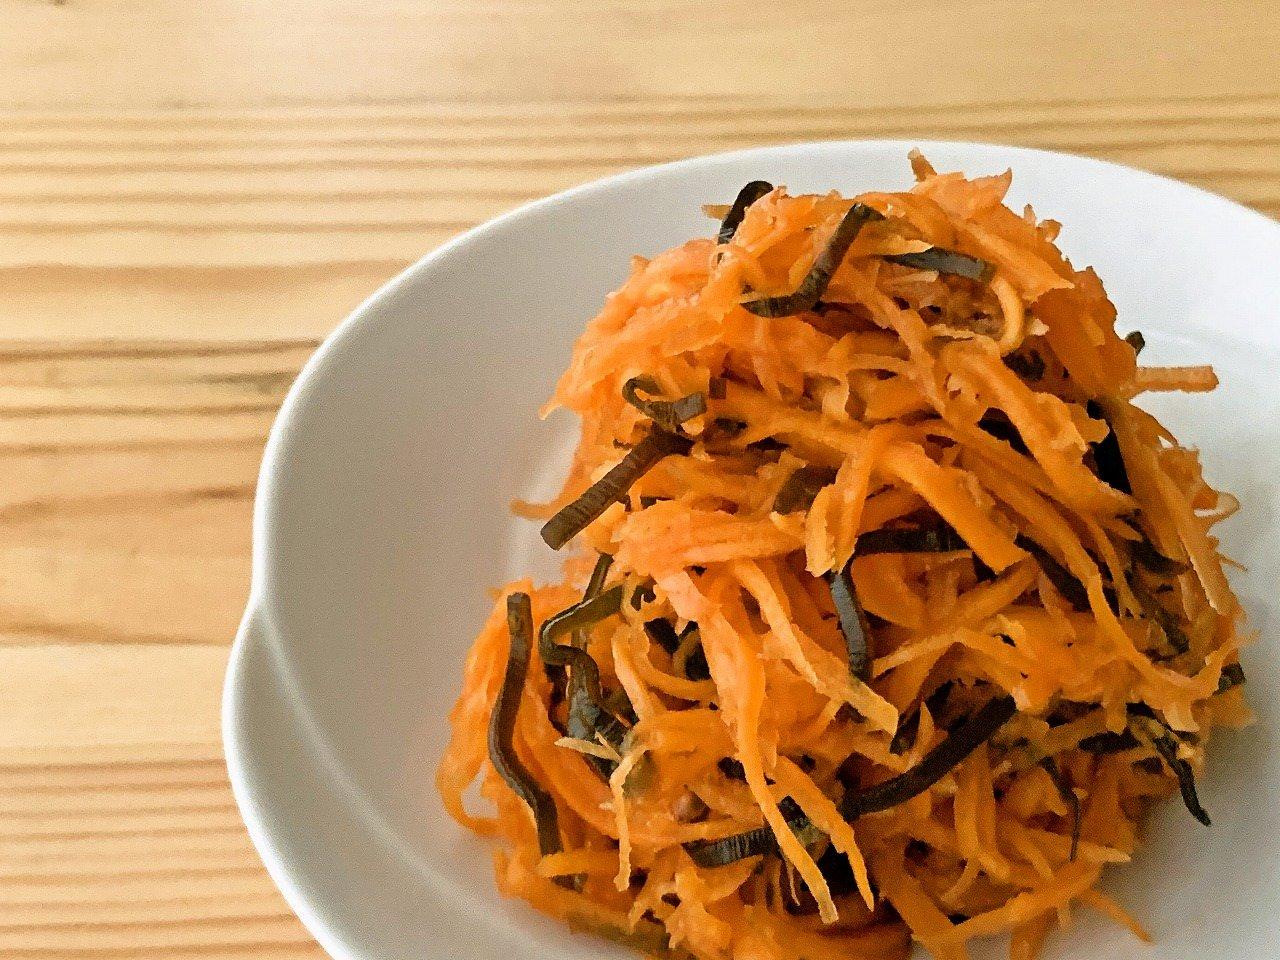 【野菜ひとつ】にんじんと塩昆布の酢の物